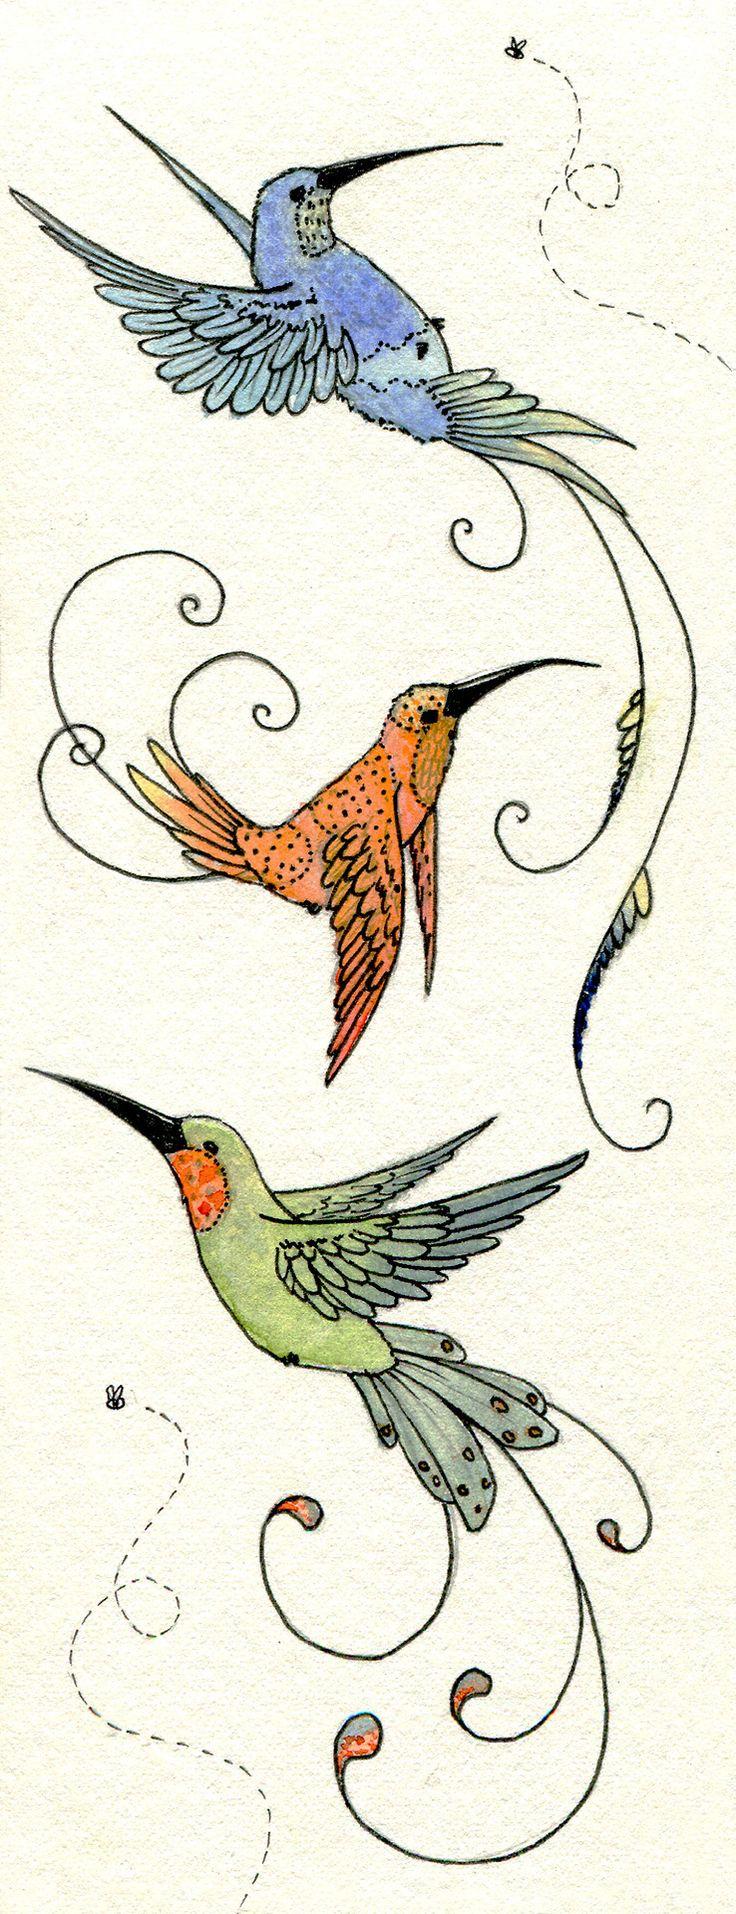 Kianna Kilgren Illustration